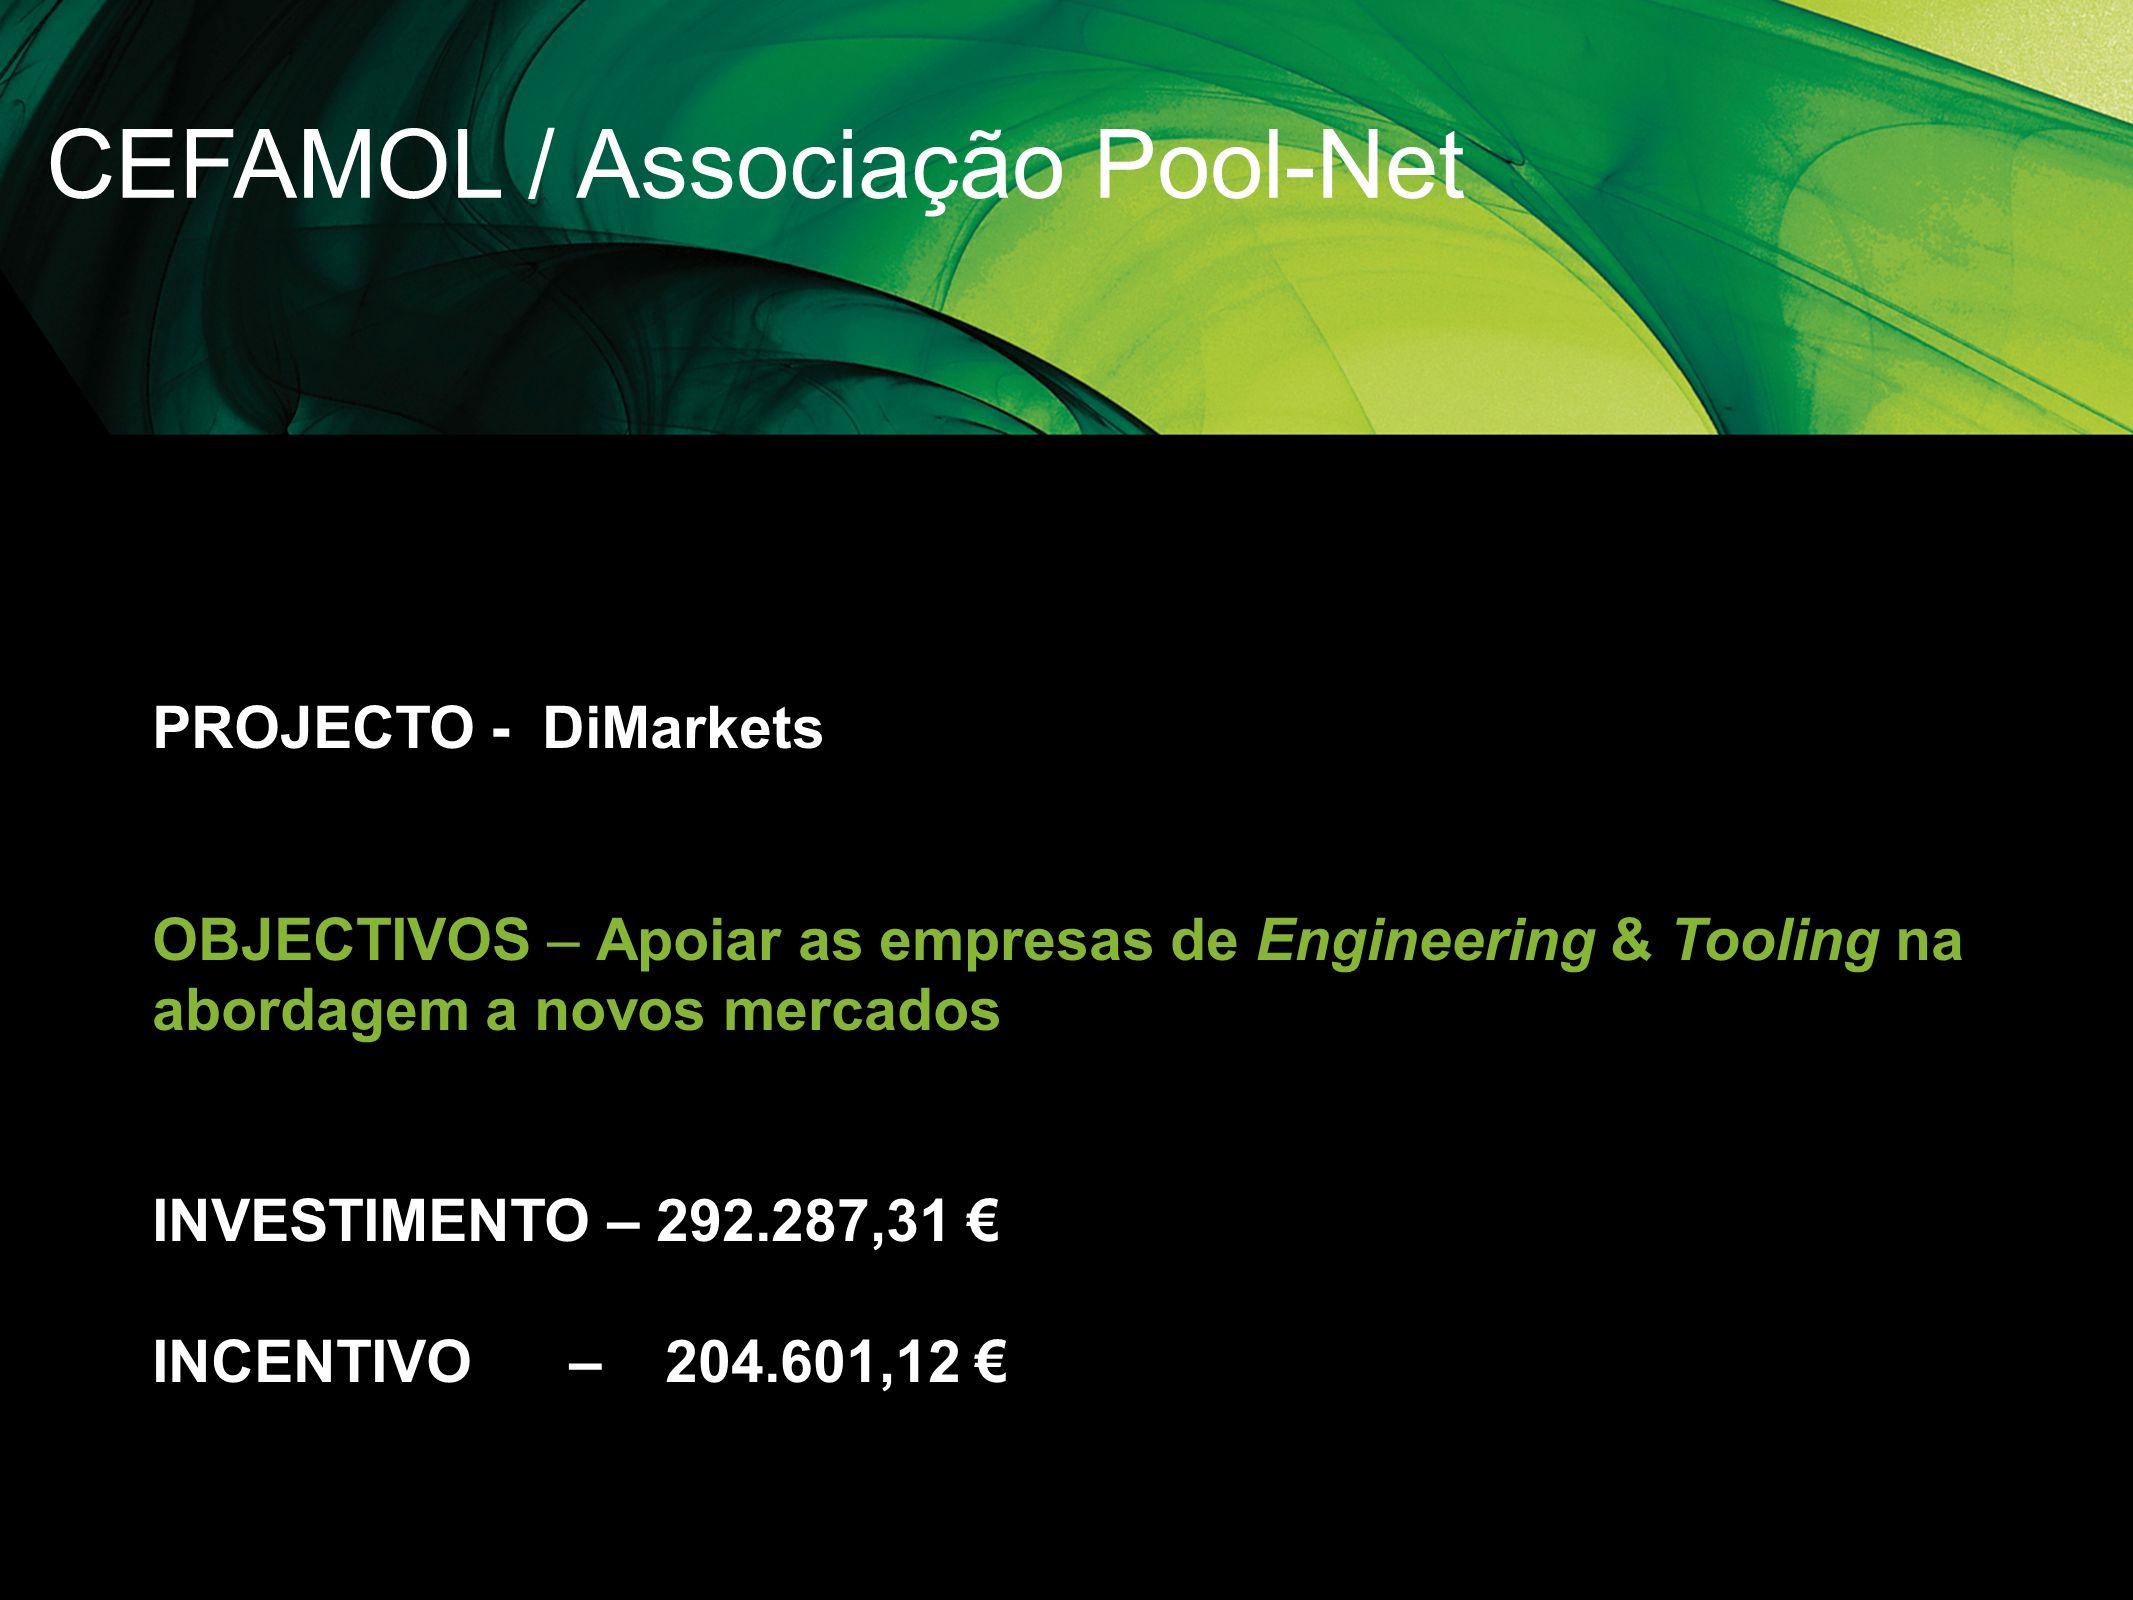 CEFAMOL / Associação Pool-Net